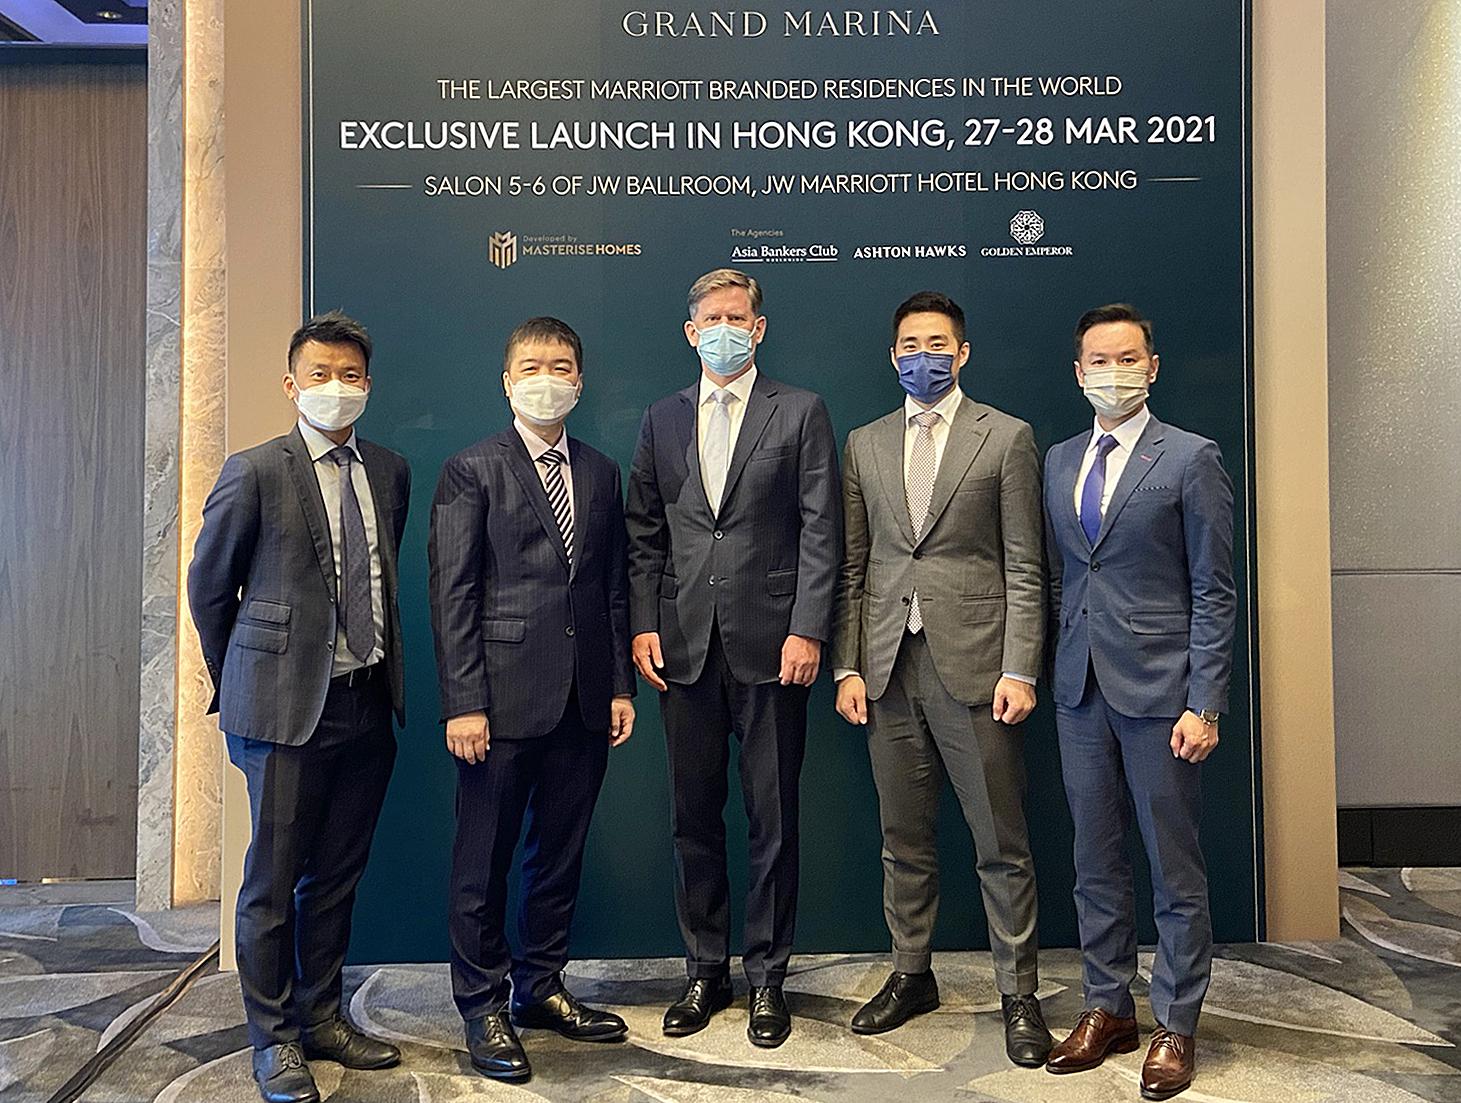 Đại diện Golden Emperor, Asia Bankers Club, Marriott International và Ashton Hawks tại sự kiện giới thiệu Grand Marina Saigon tại Hong Kong, hôm 16/3. Ảnh: Masterise Homes.